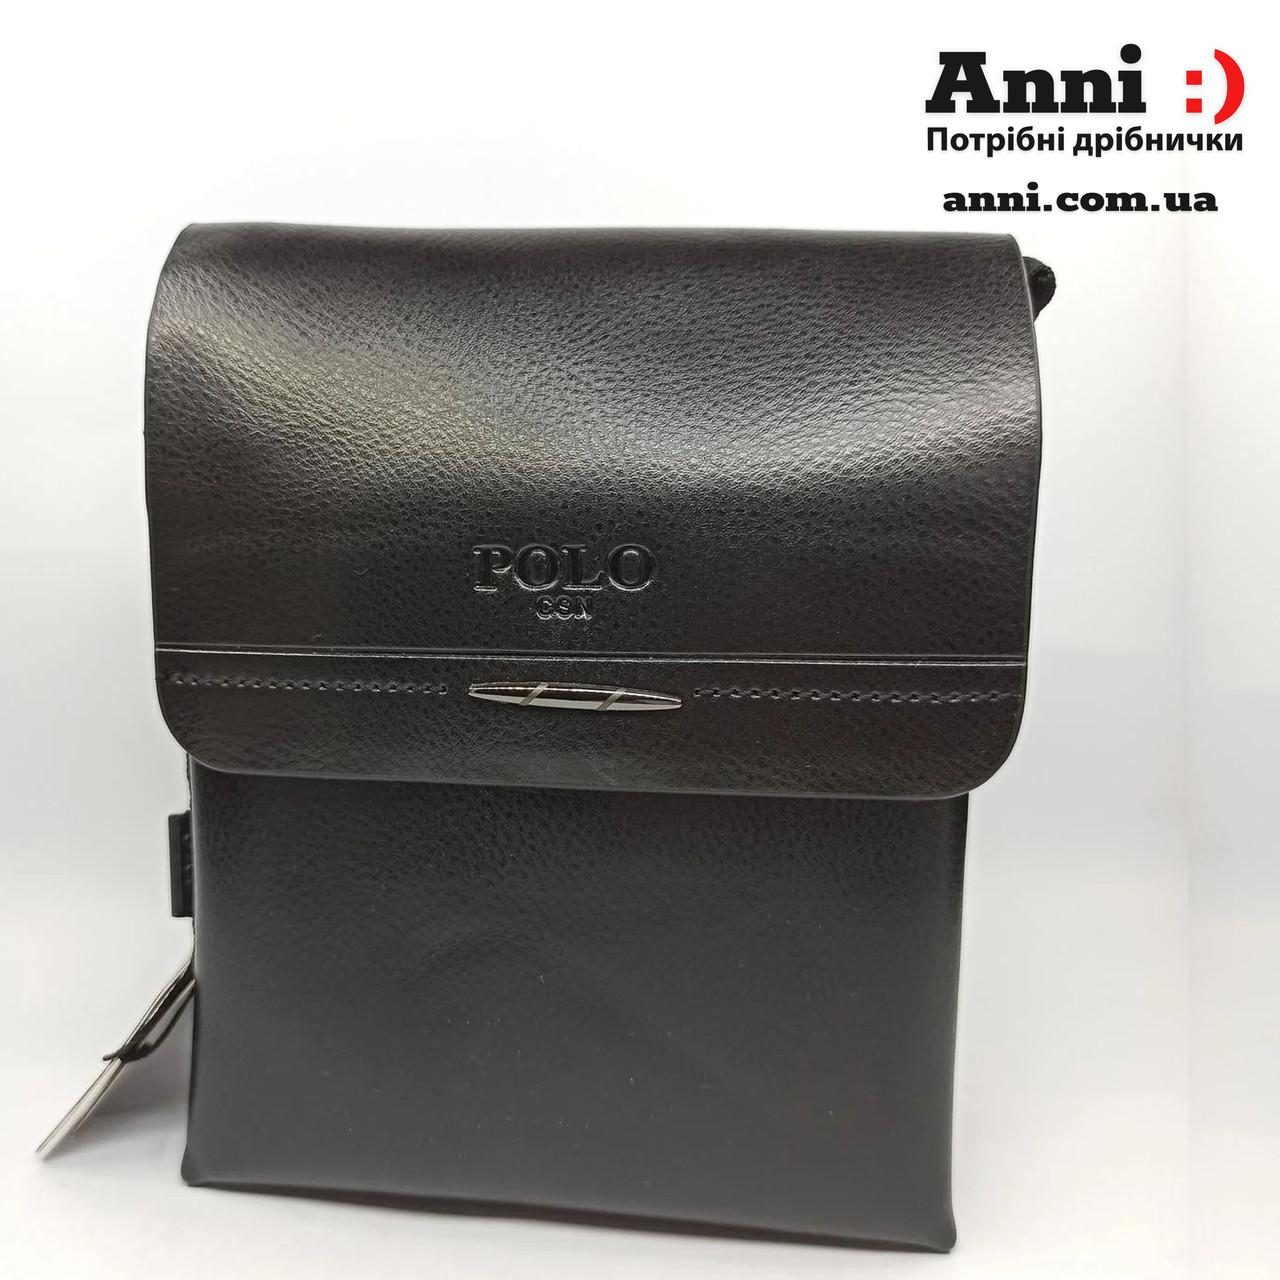 Чоловіча шкіряна сумка планшет через плече 19см * 15см Polo B351-1